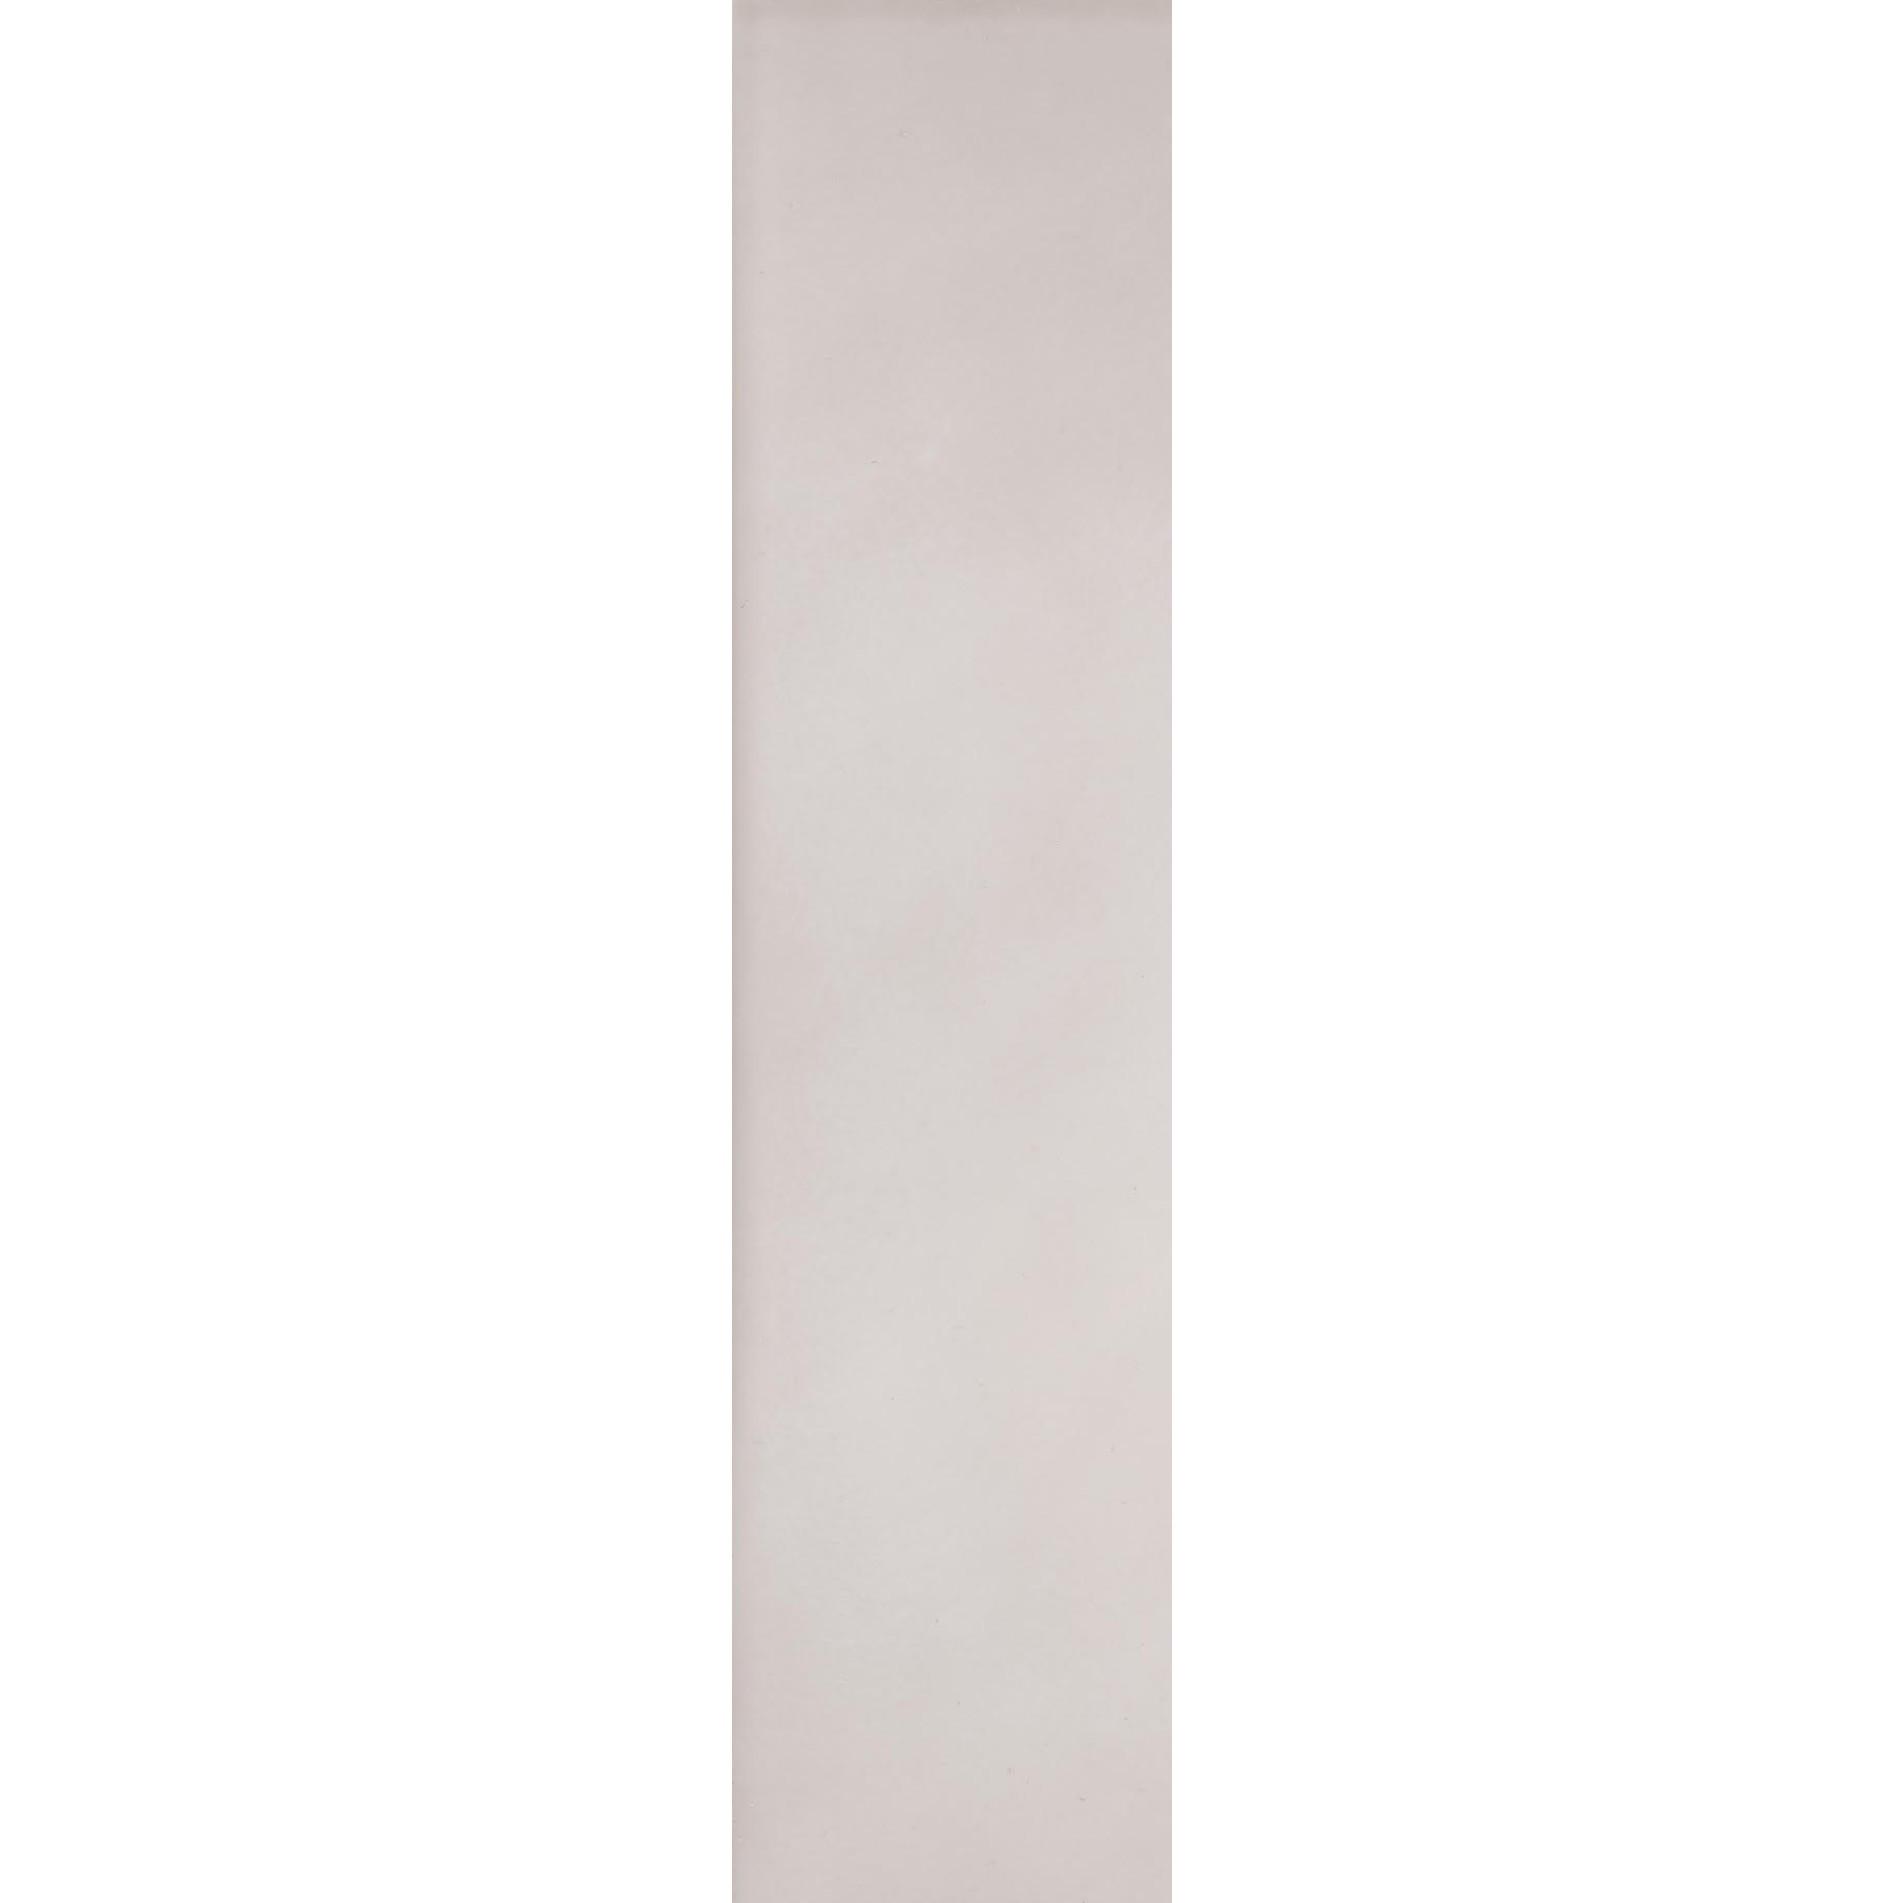 Revestimento Tipo A 77x305 cm Esmaltado Ombre Sable Blanc - Roca